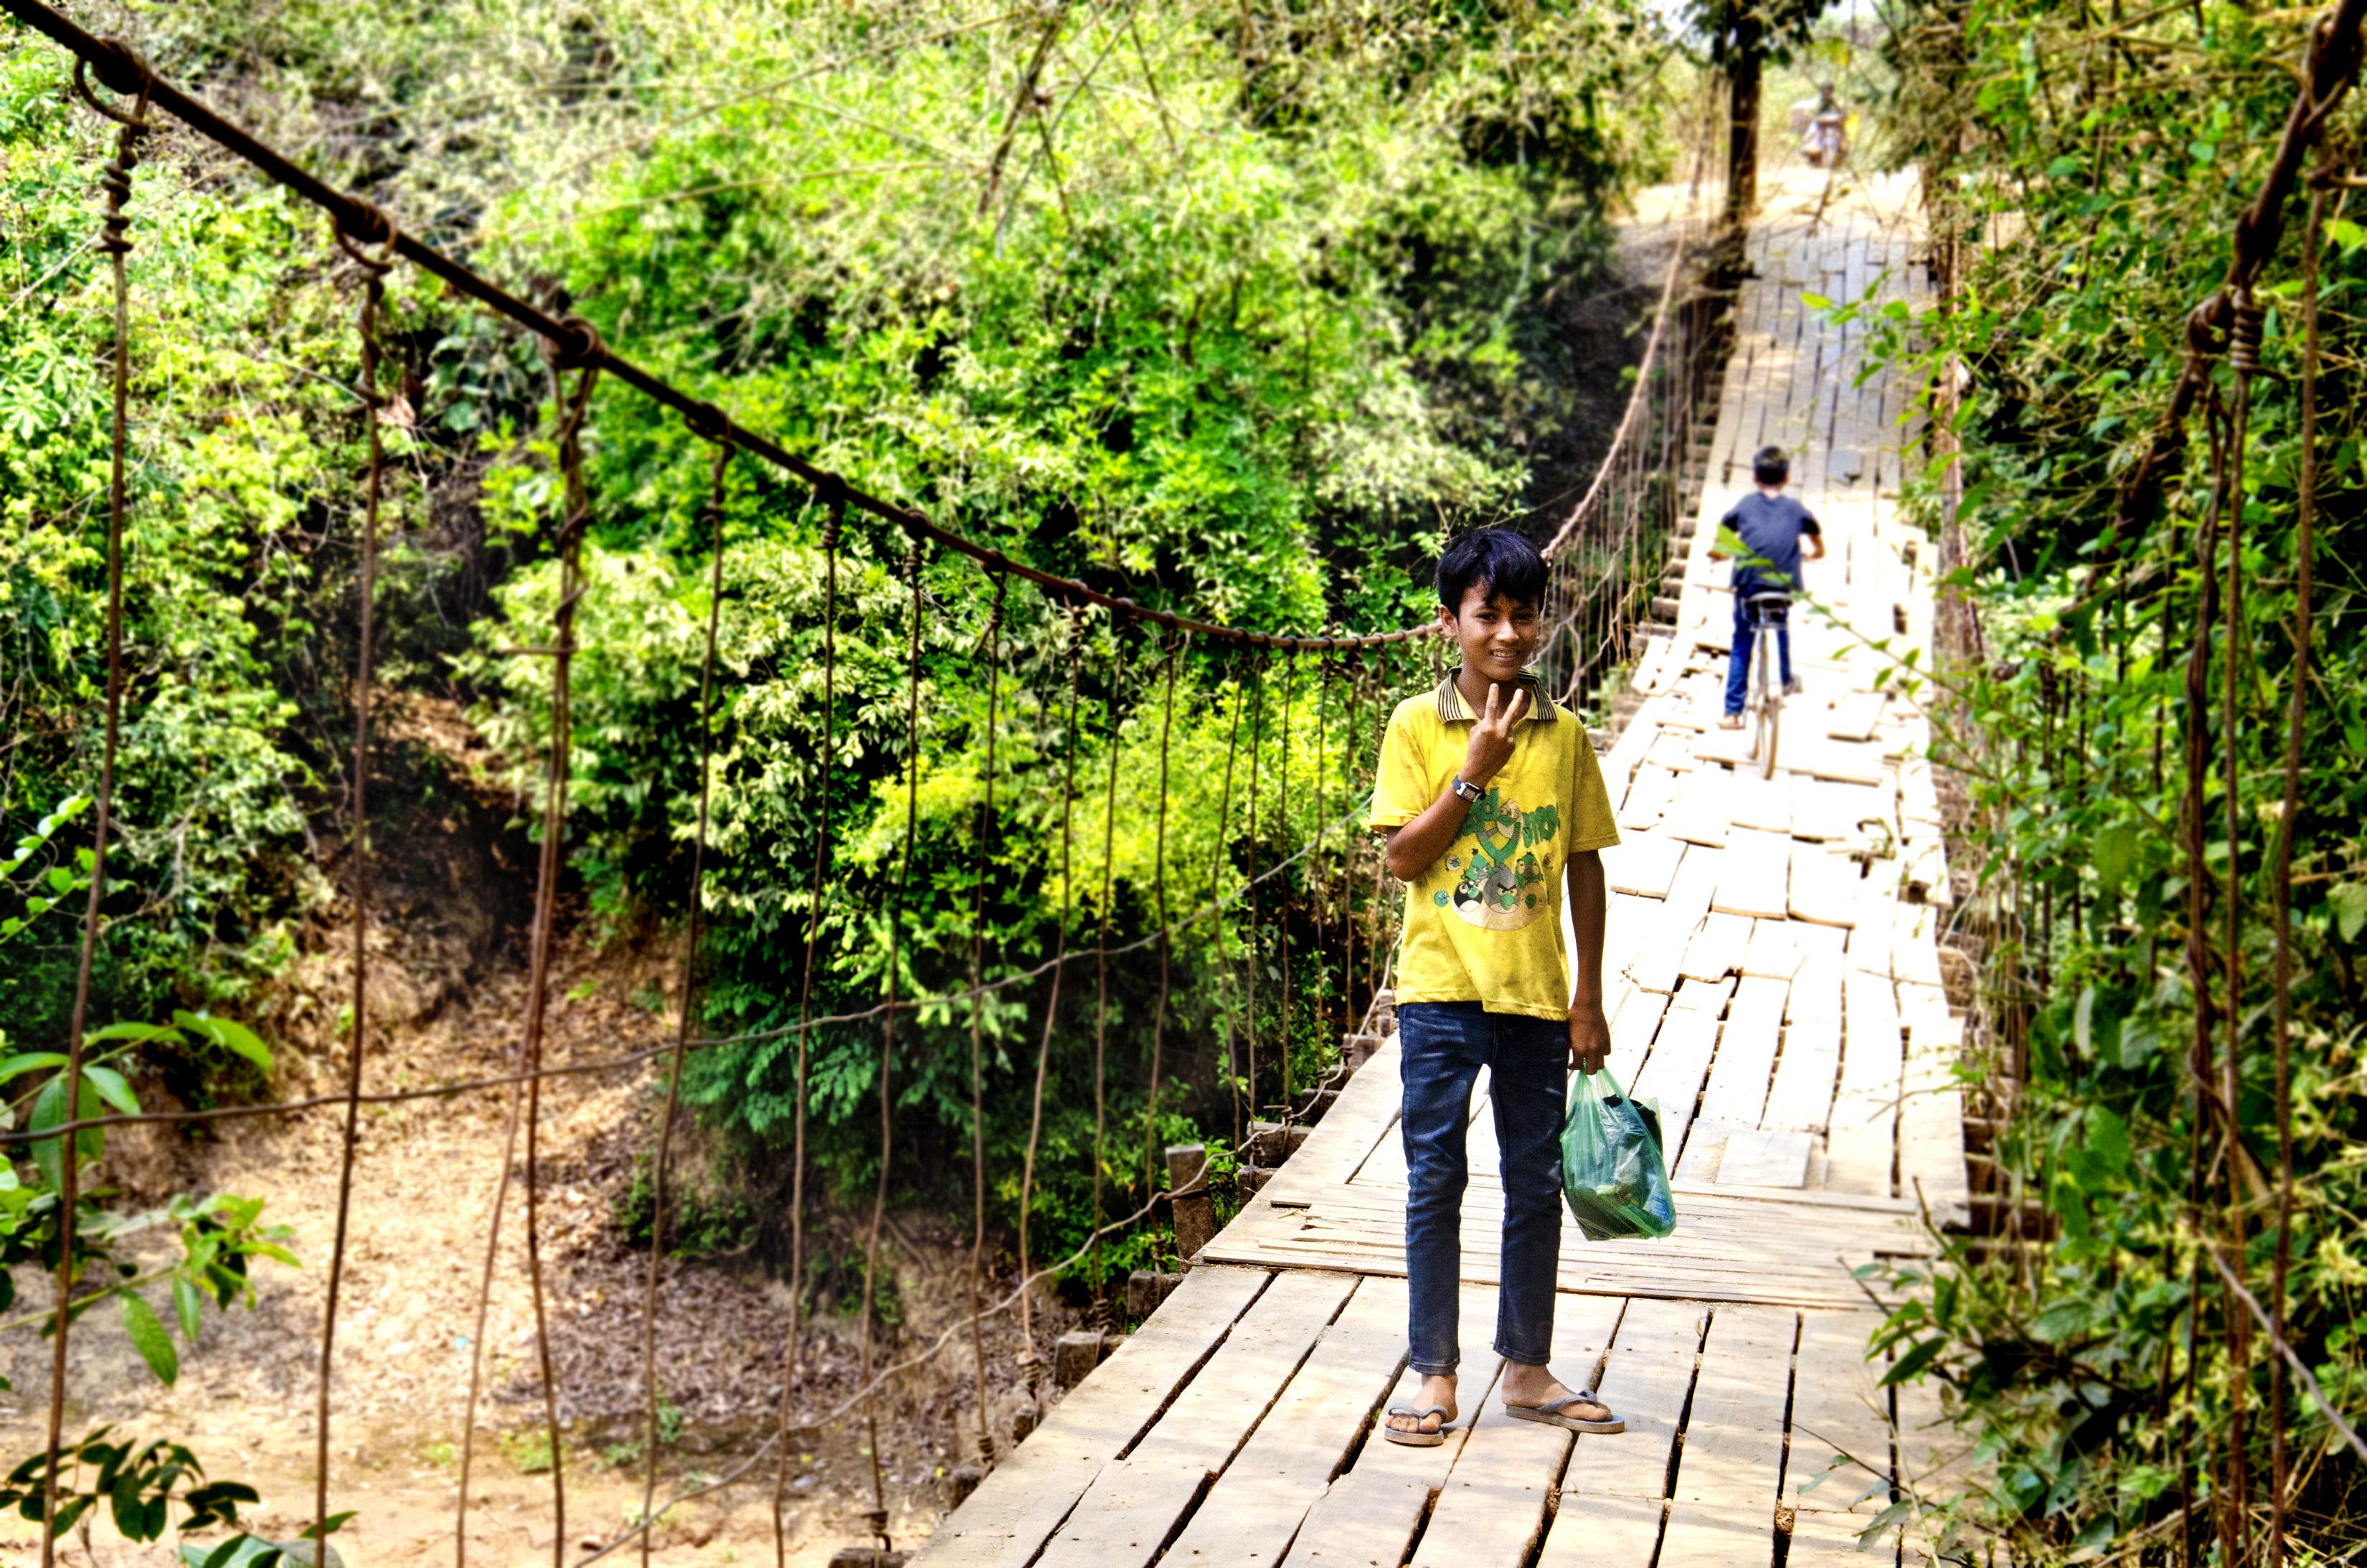 Kreung boy on swinging rope bridge